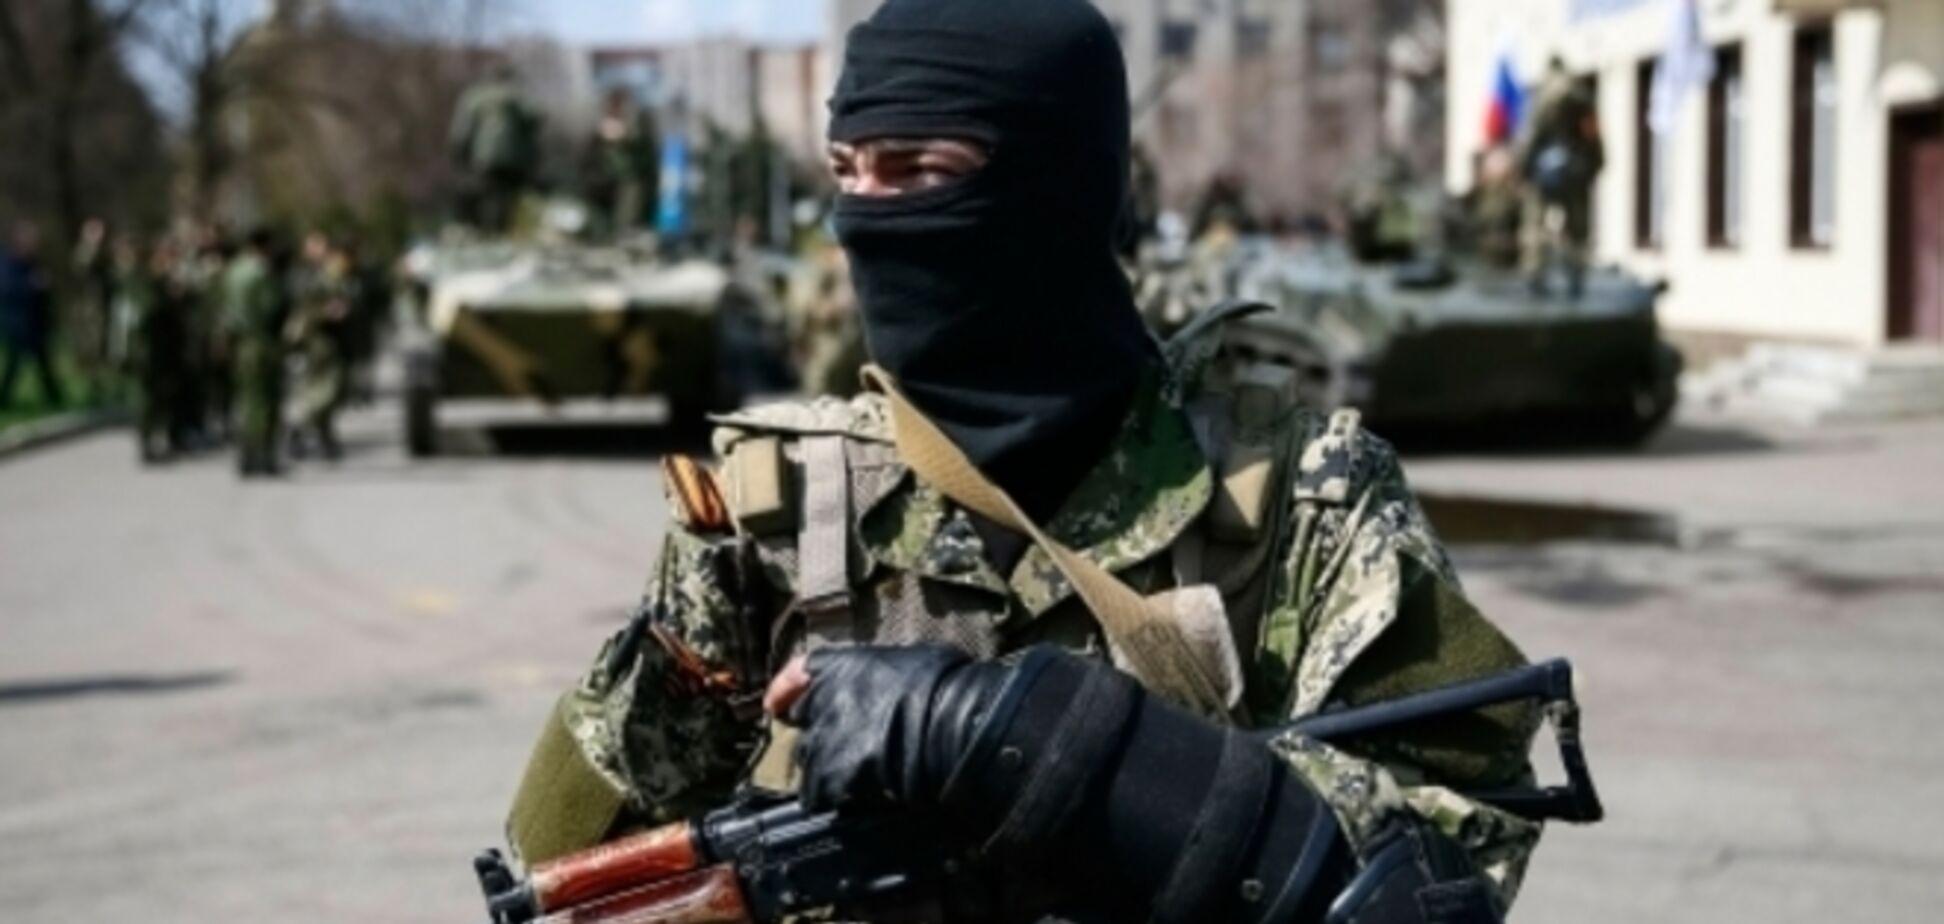 ГПУ напомнила, что за пособничество террористам можно сесть на 15 лет